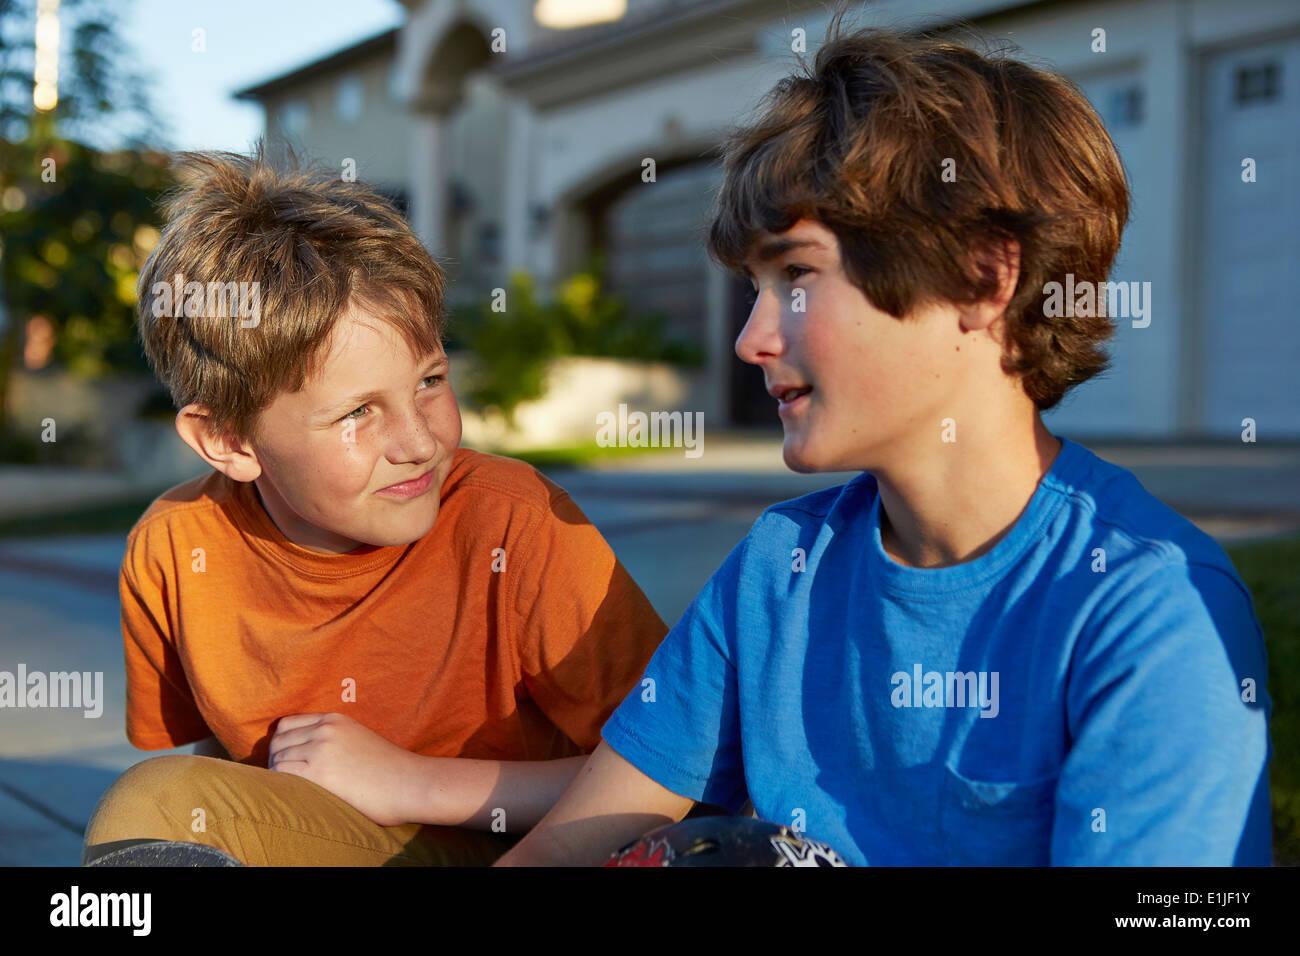 Dos chicos hablando Imagen De Stock